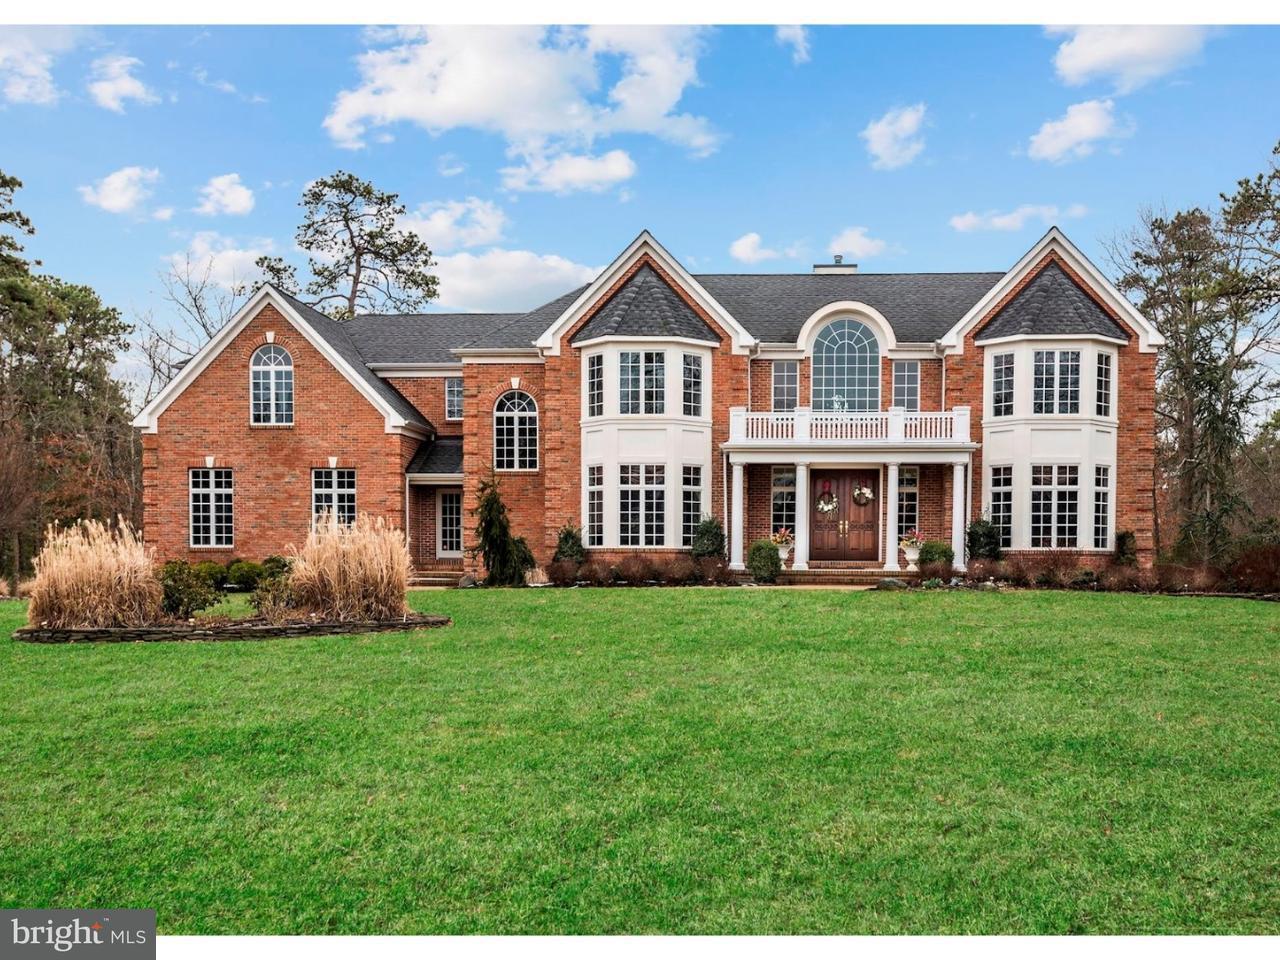 Einfamilienhaus für Verkauf beim 4 GOLDEN CLUB Drive Medford, New Jersey 08055 Vereinigte Staaten